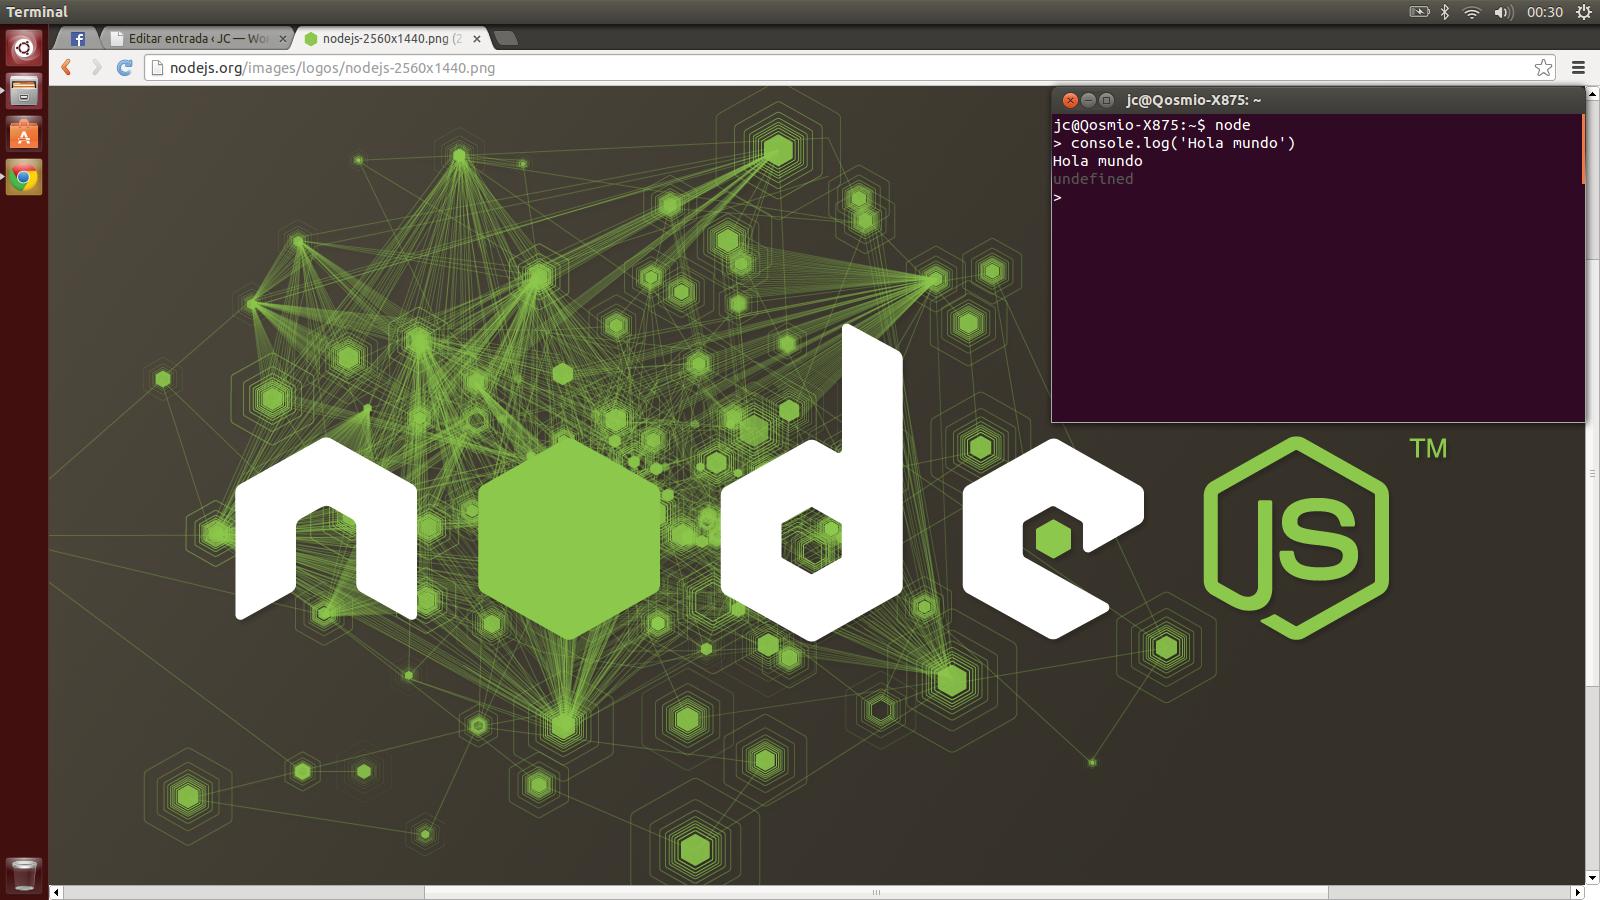 Node.js Ubuntu 13.04